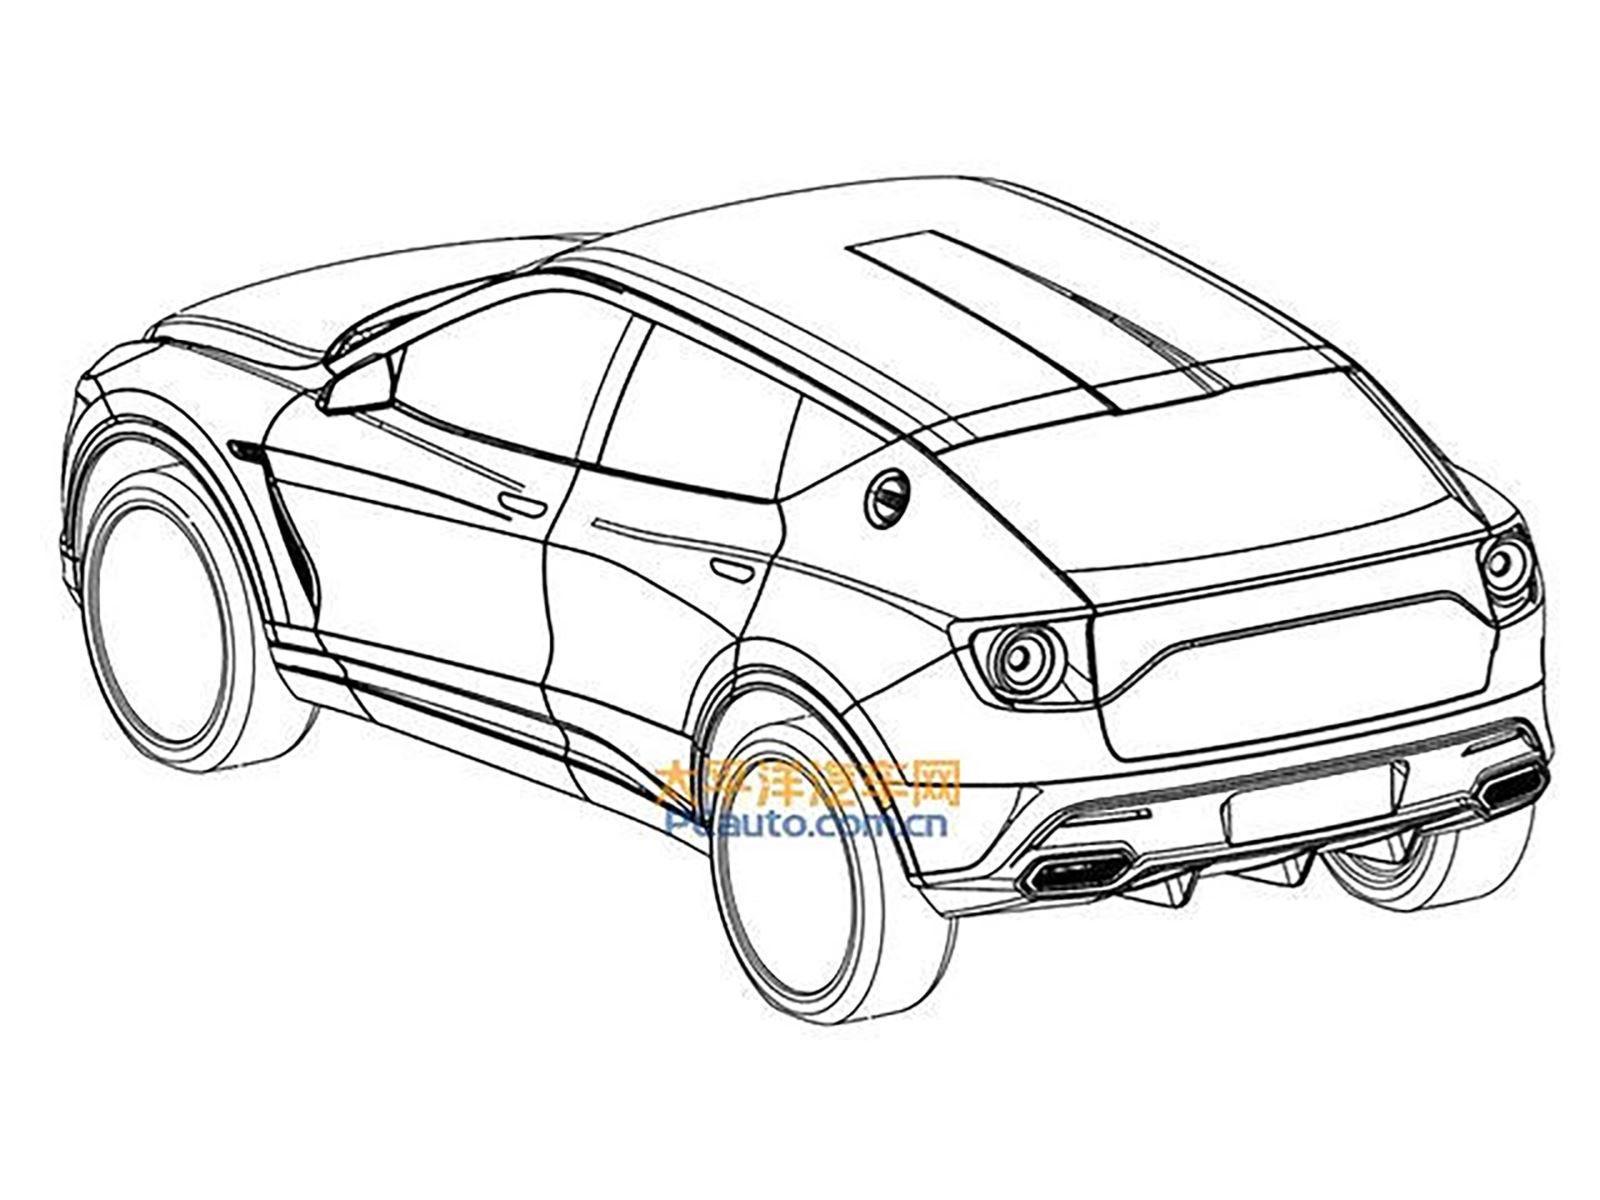 Передний рендер Lambda сразу напоминает некоторые внедорожники Jaguar, такие как E-Pace, особенно когда речь идет о форме решетки радиатора. Боковой профиль стал более уникальным, с глубокими характерными линиями, большими колесными арками и высоко р